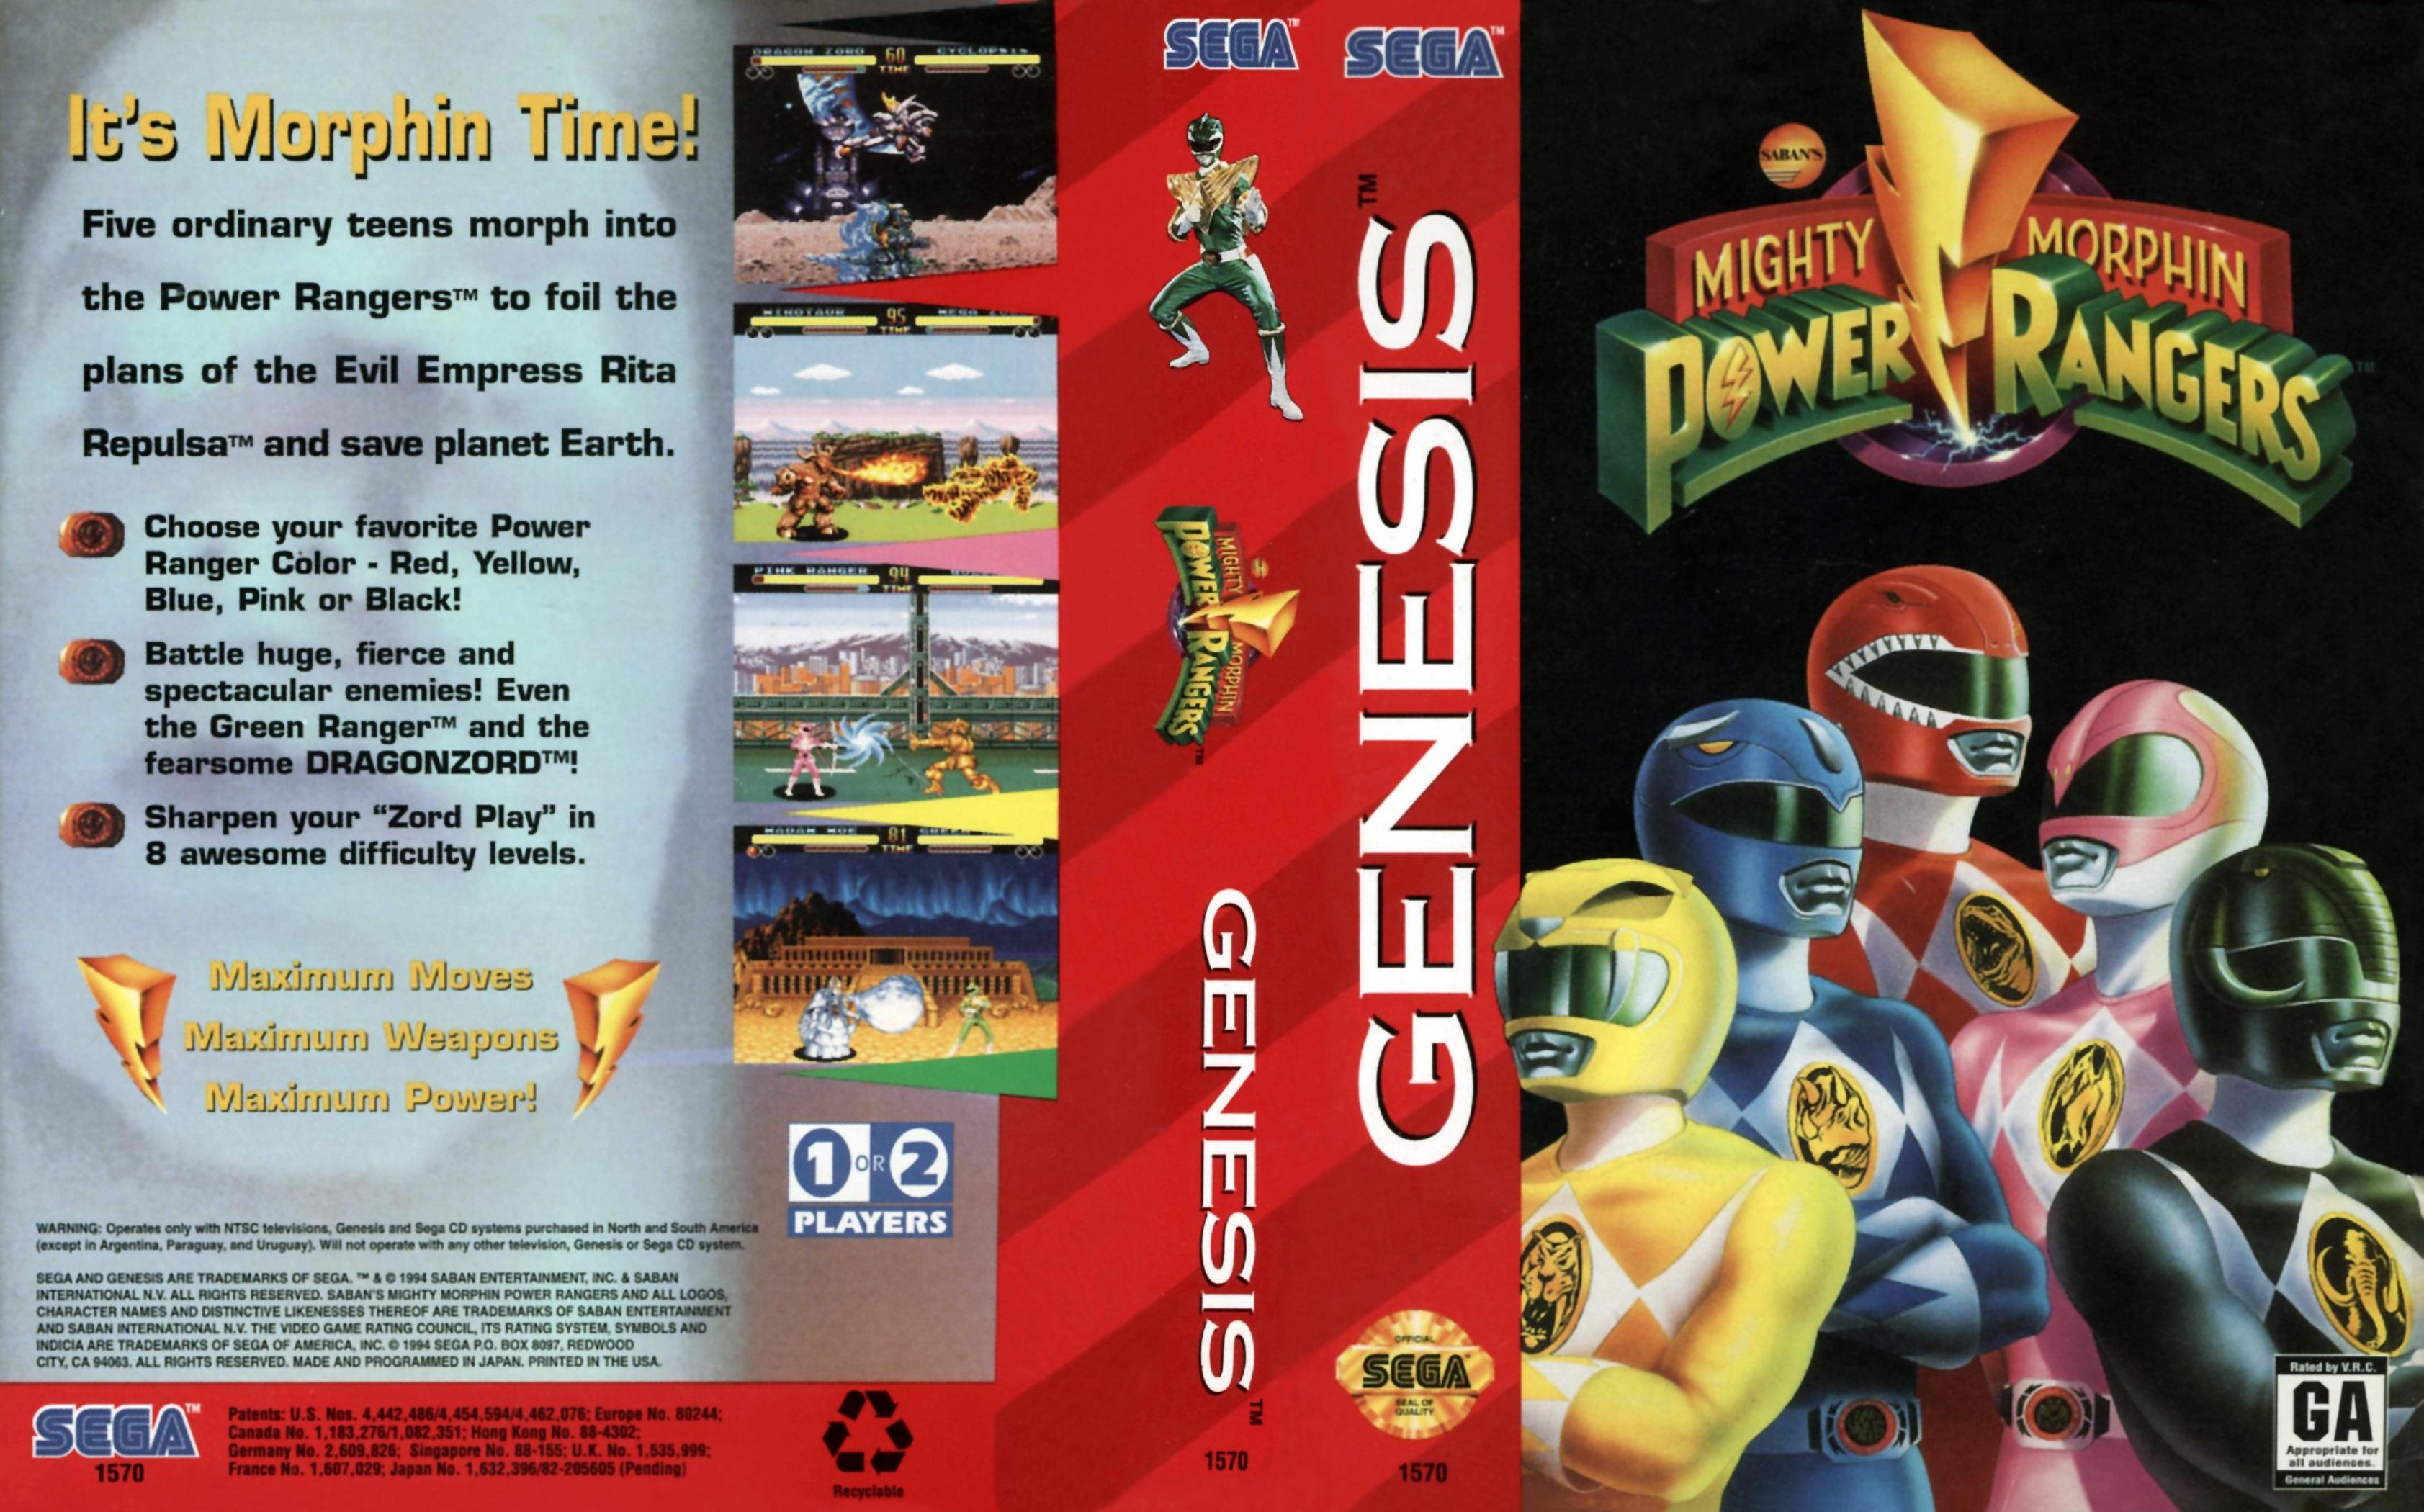 Sega Megadrive Genesis M Game Cover Box Art